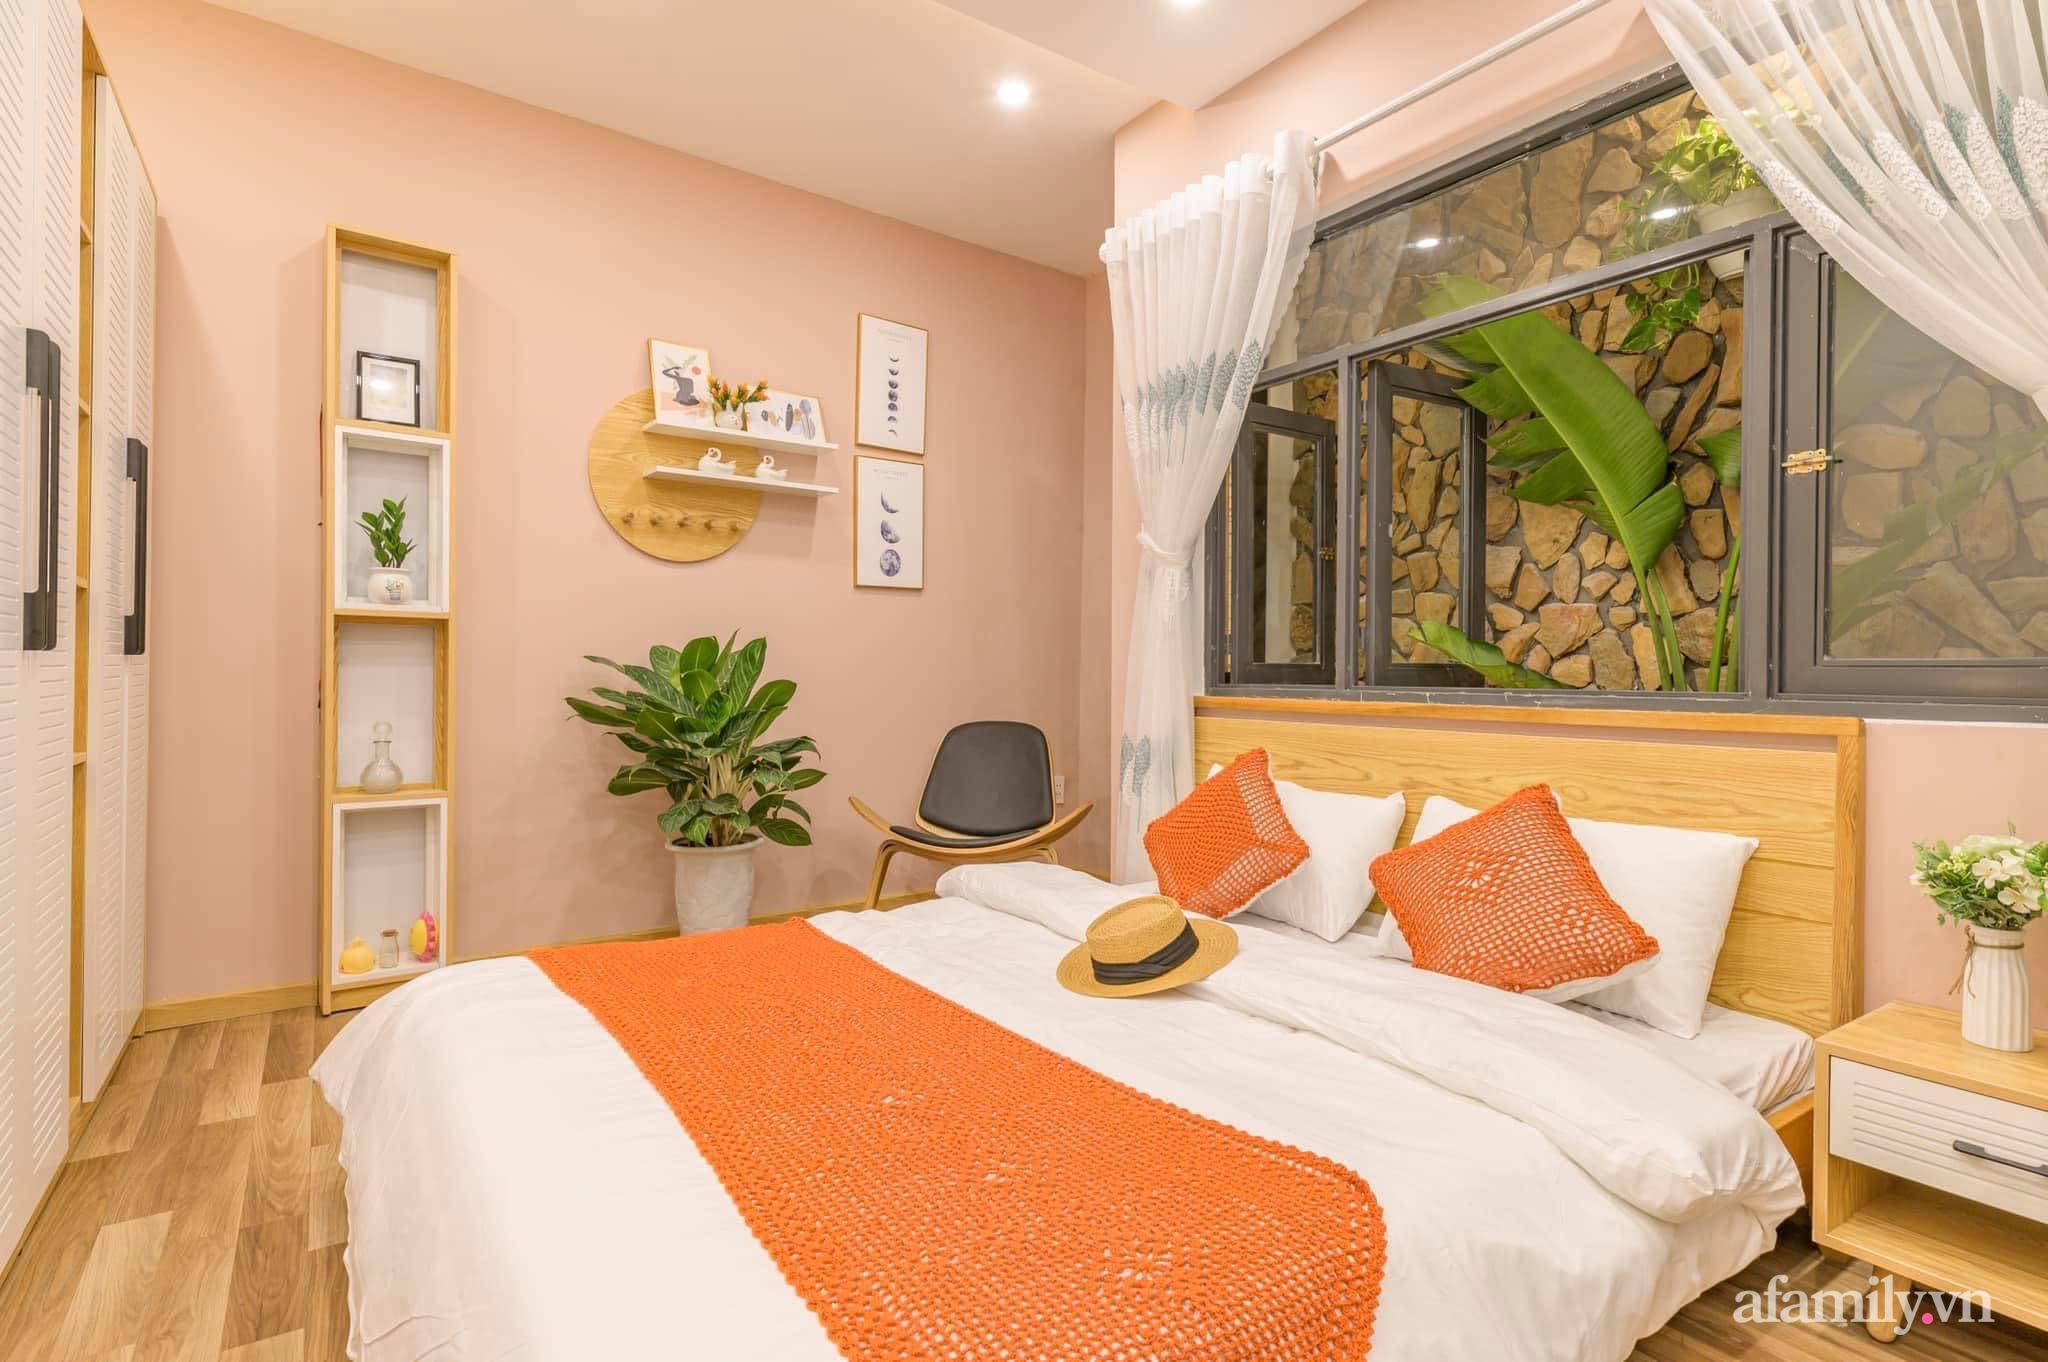 Nhà phố 4 tầng rộng 58m² đẹp an yên với giếng trời nhiều cây xanh và ánh nắng ngập tràn ở Đà Nẵng - Ảnh 17.